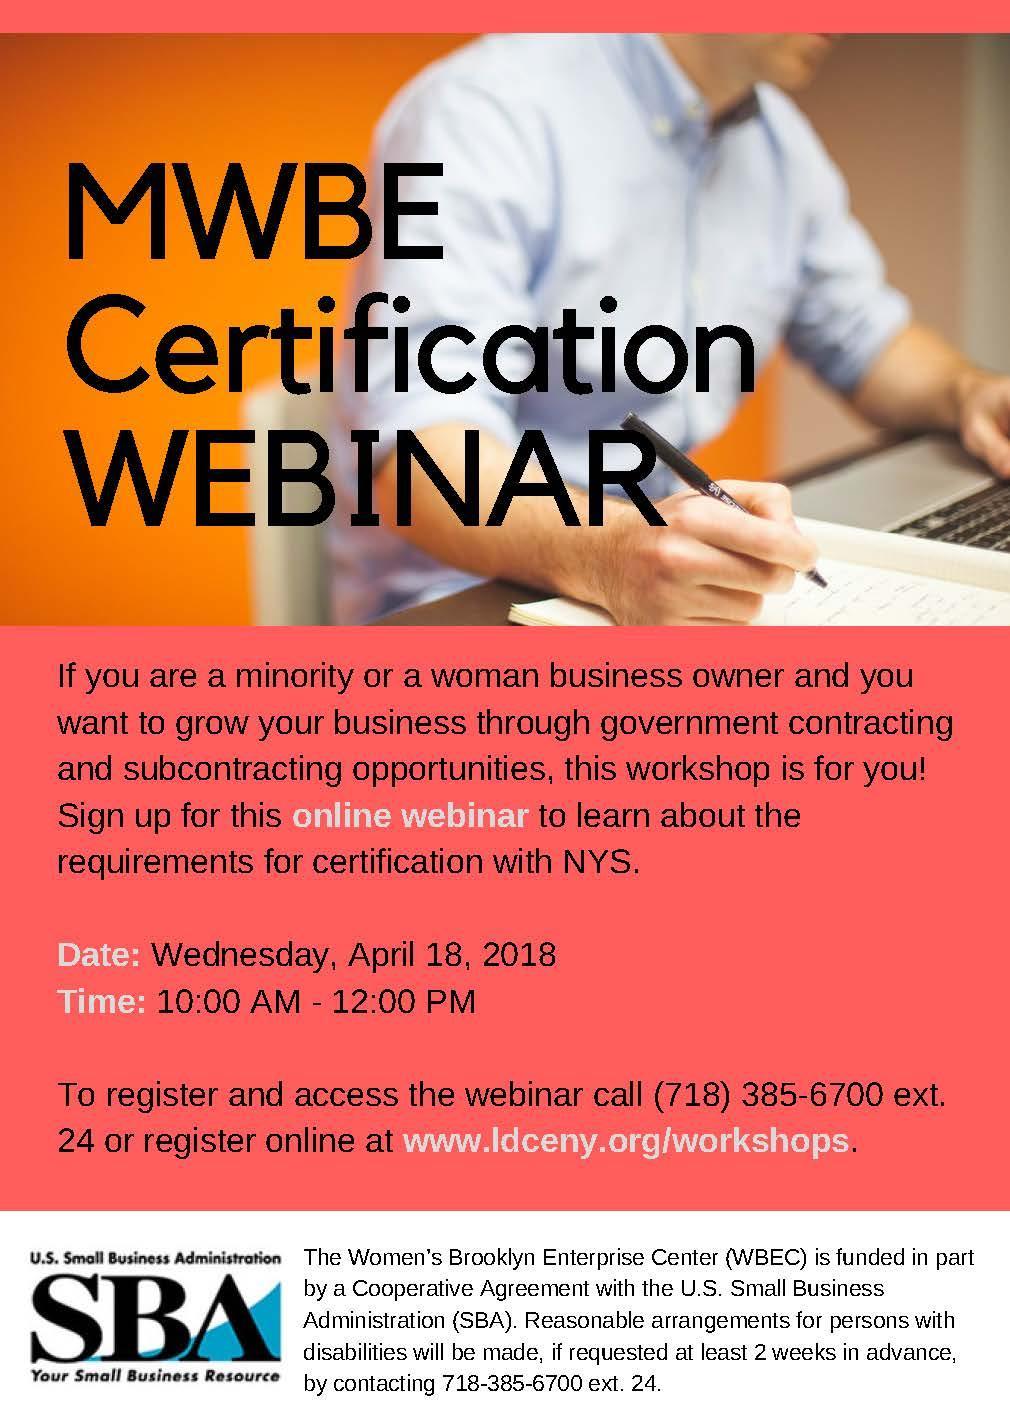 Mwbe Certification Webinar 18 Apr 2018